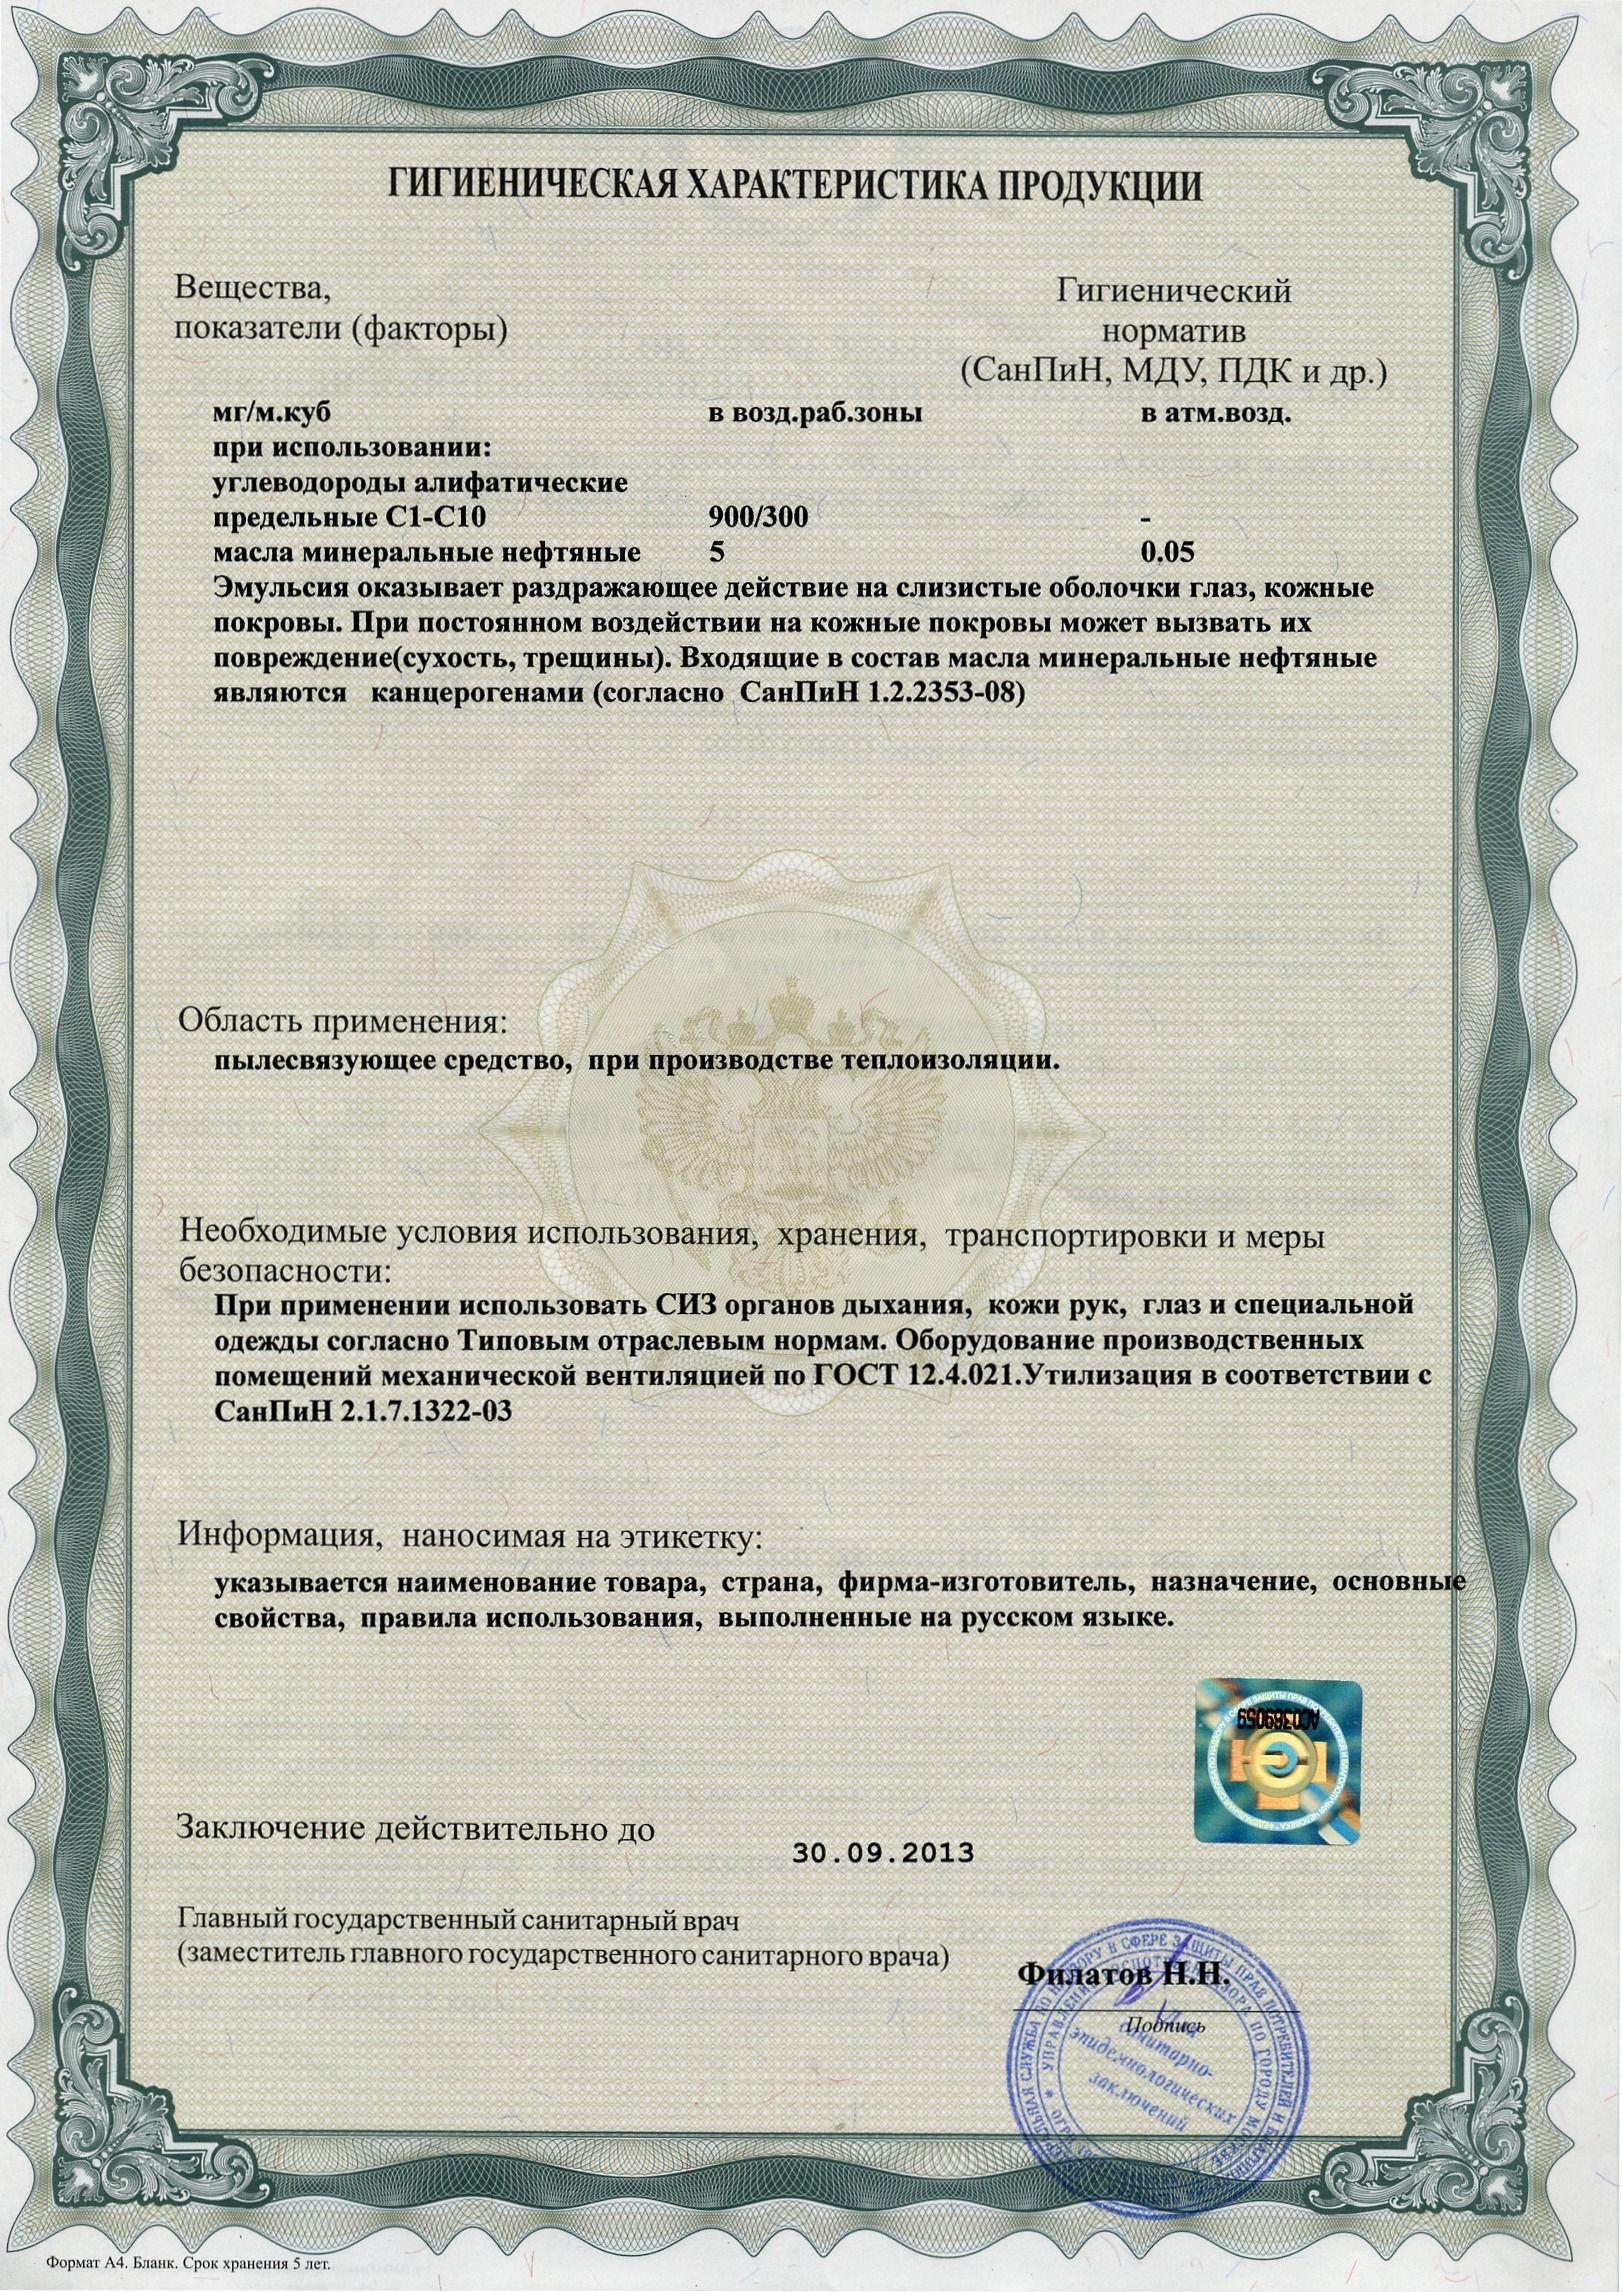 сертификат о происхождении товара бланк в ворде